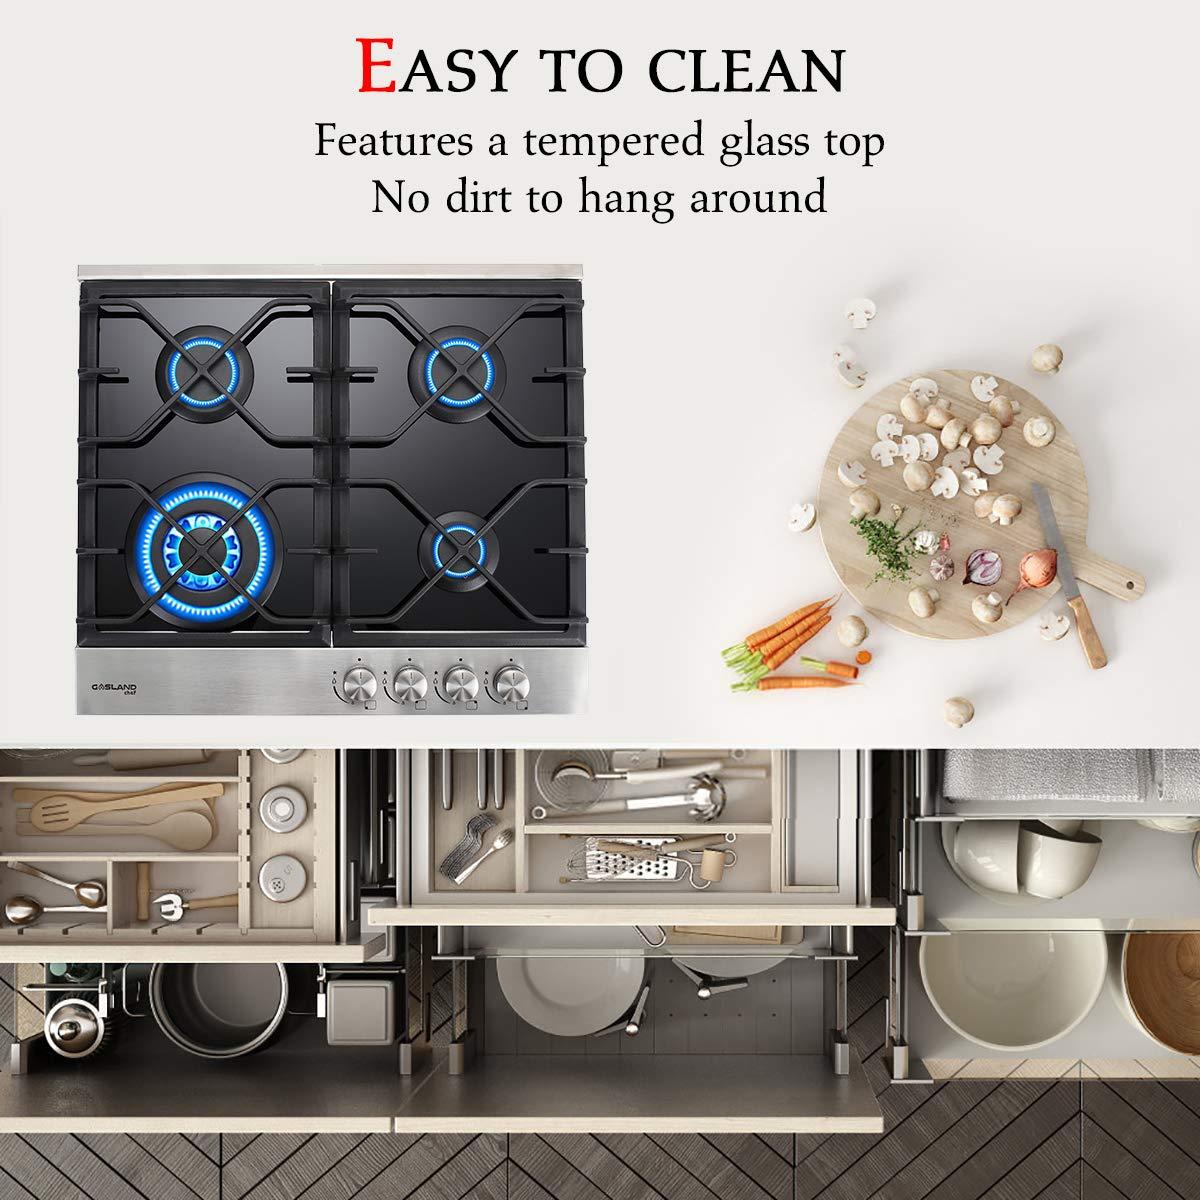 Amazon.com: Gasland Chef - Cocina de gas natural LPG de 24.0 ...